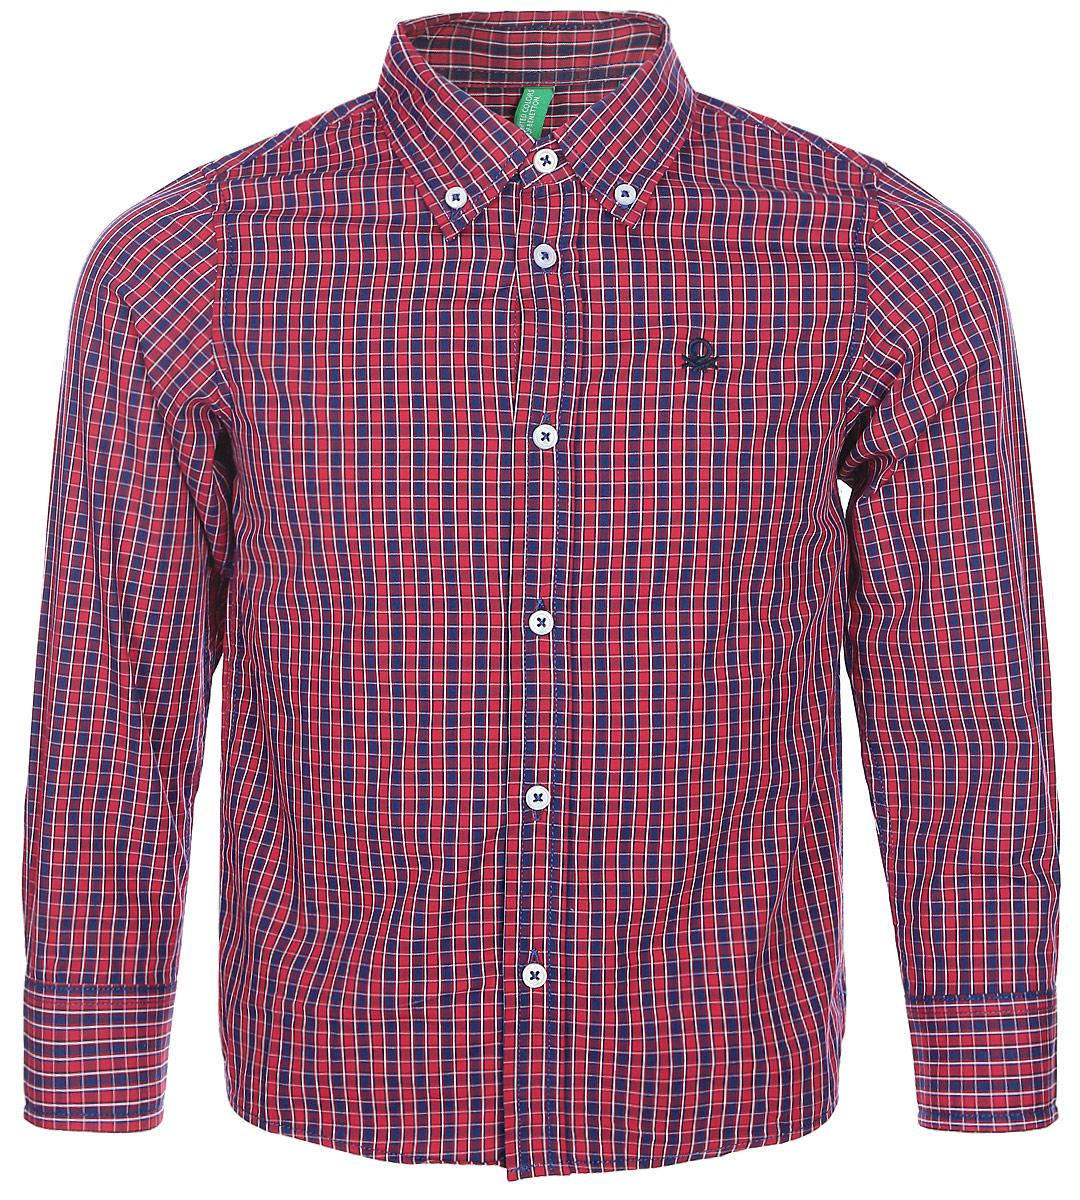 Рубашка для мальчика United Colors of Benetton, цвет: красный, синий. 5DU65Q200_974. Размер 1205DU65Q200_974Рубашка для мальчика United Colors of Benetton выполнена из натурального хлопка. Модель с отложным воротником застегивается на пуговицы.